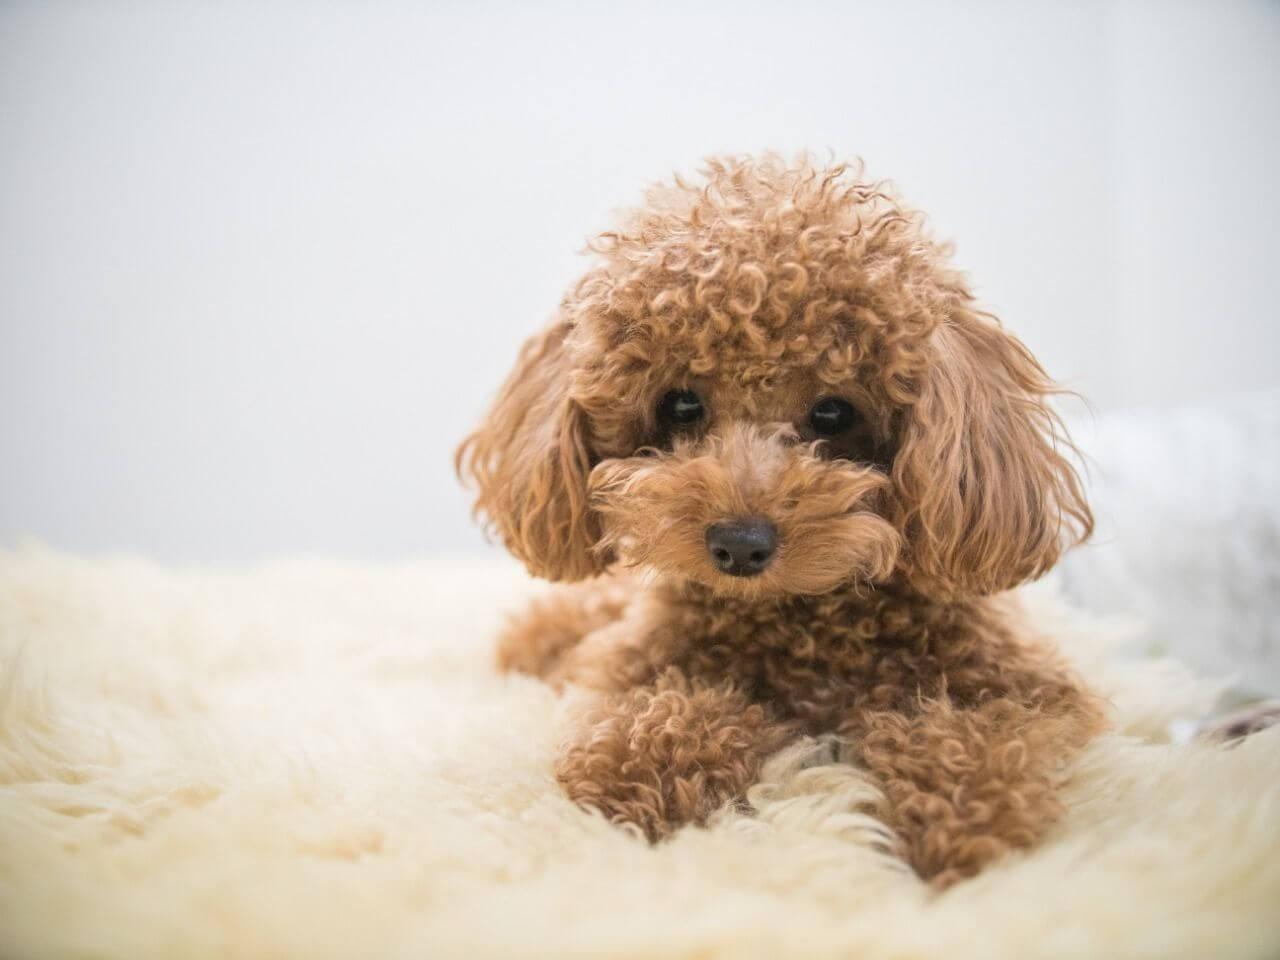 Loài chó Poodle đáng yêu